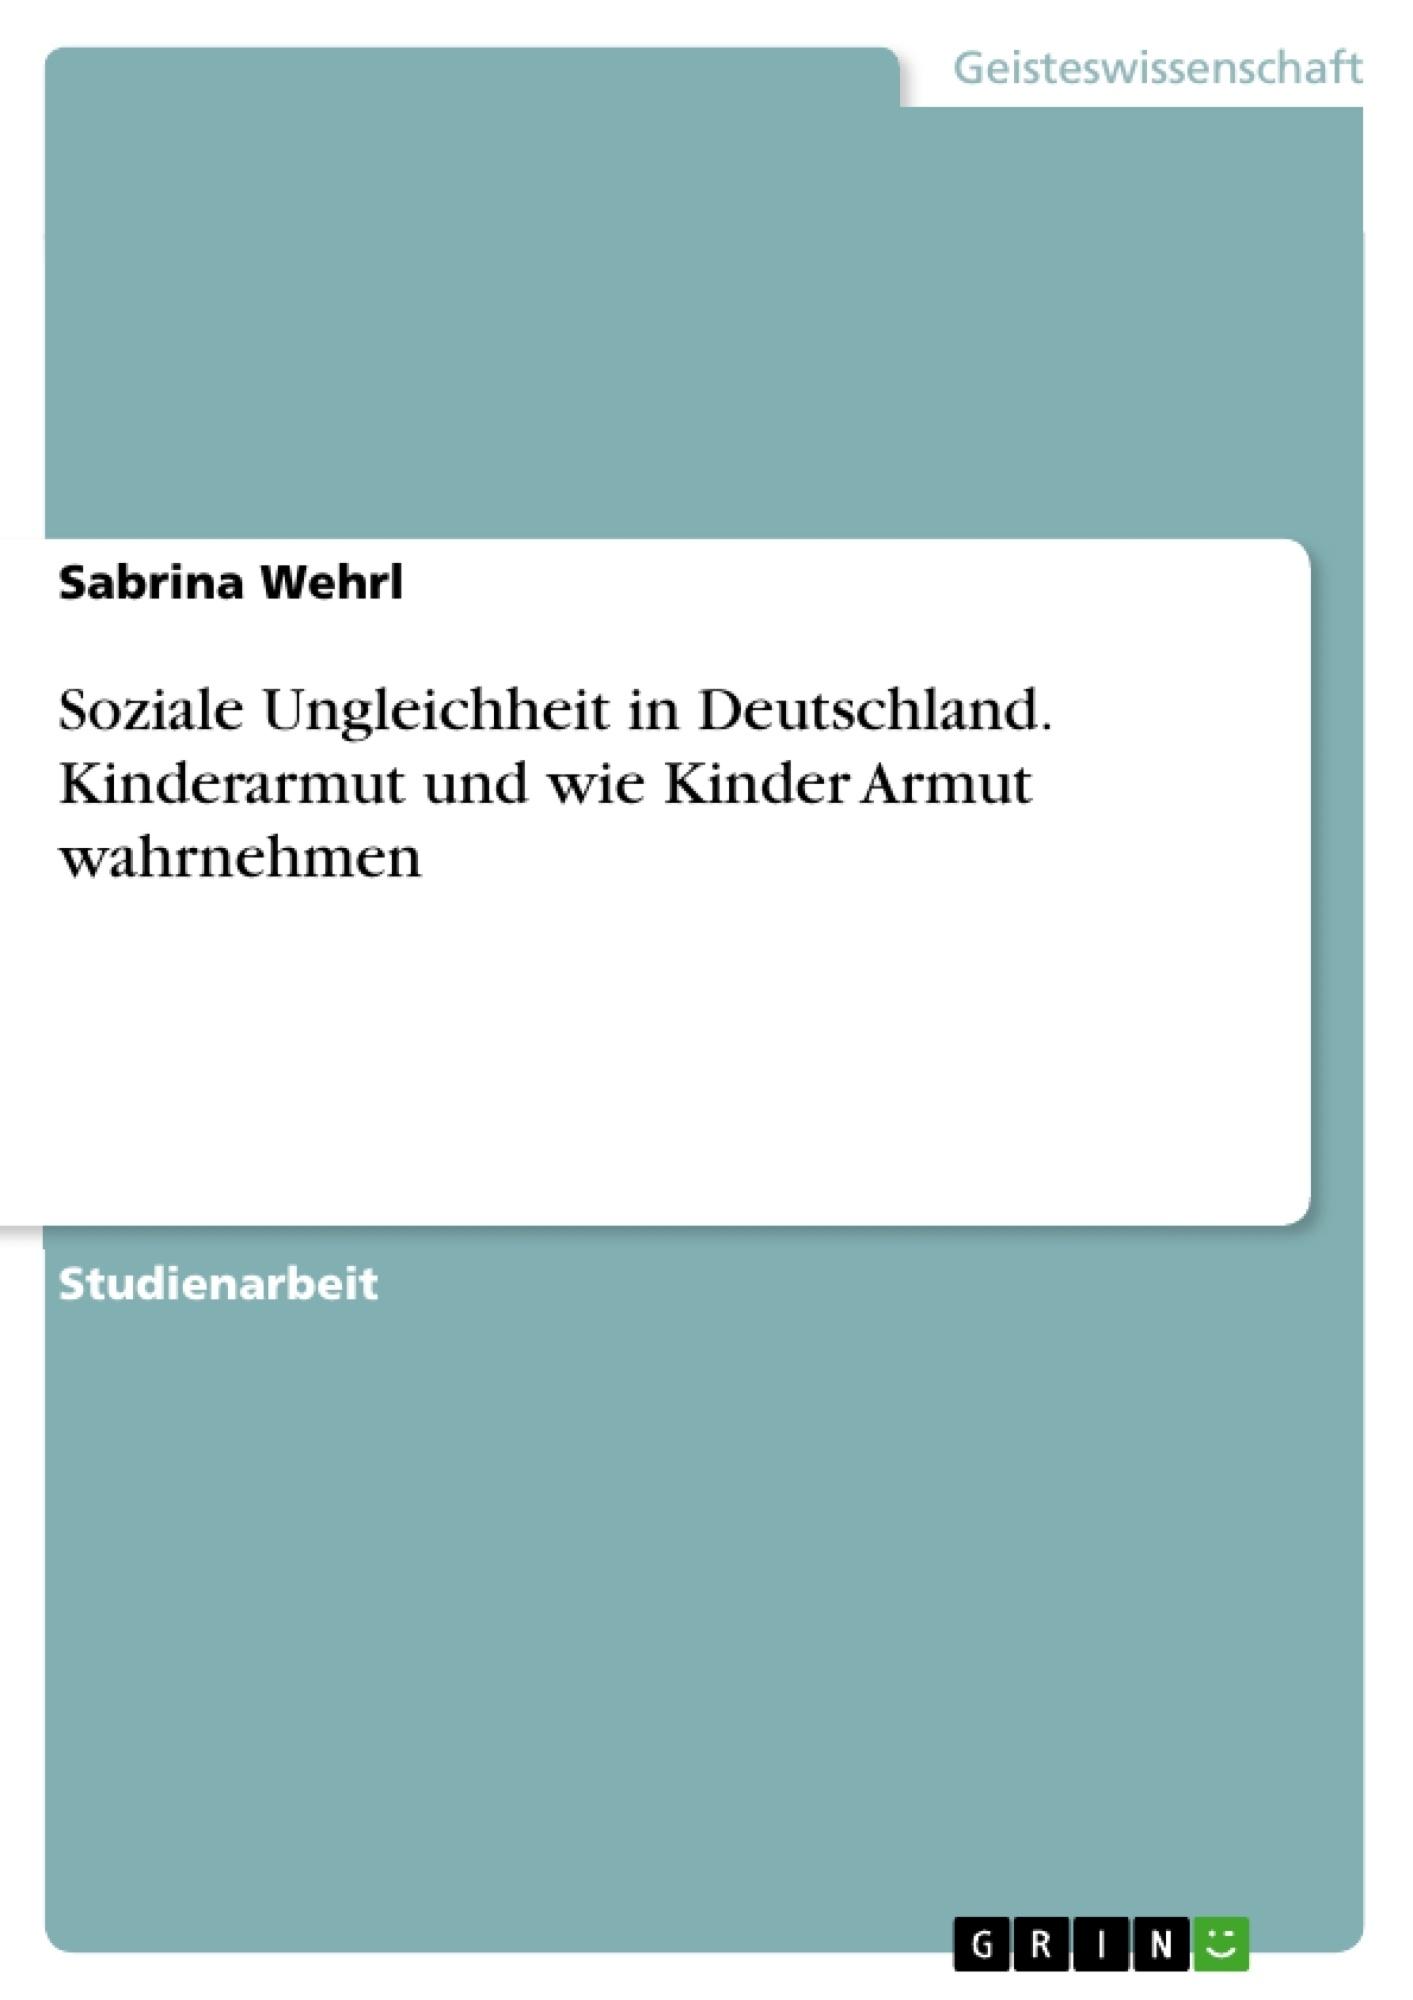 Titel: Soziale Ungleichheit in Deutschland. Kinderarmut und wie Kinder Armut wahrnehmen